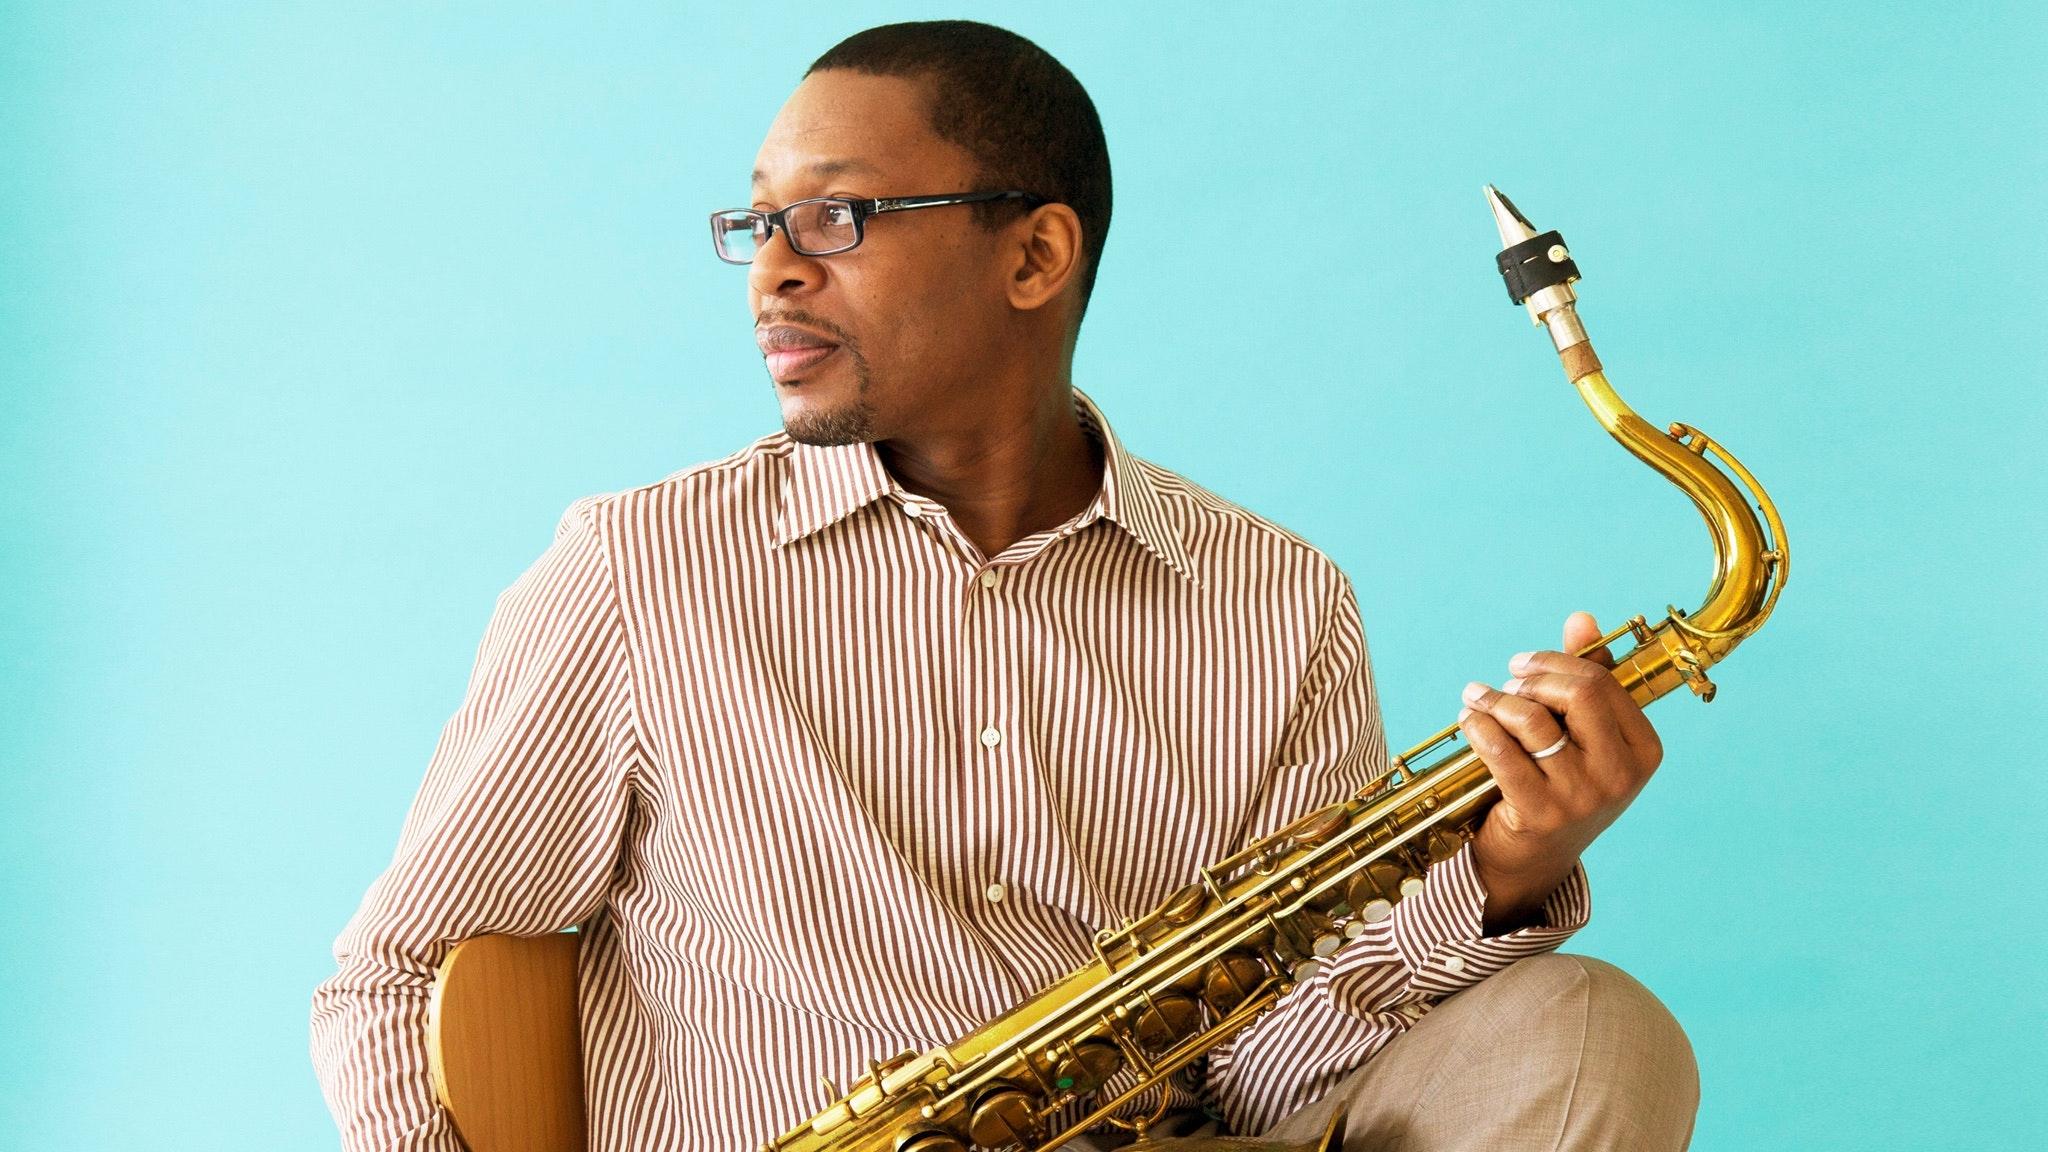 Ravi Coltrane returns to Bird's Basement in September